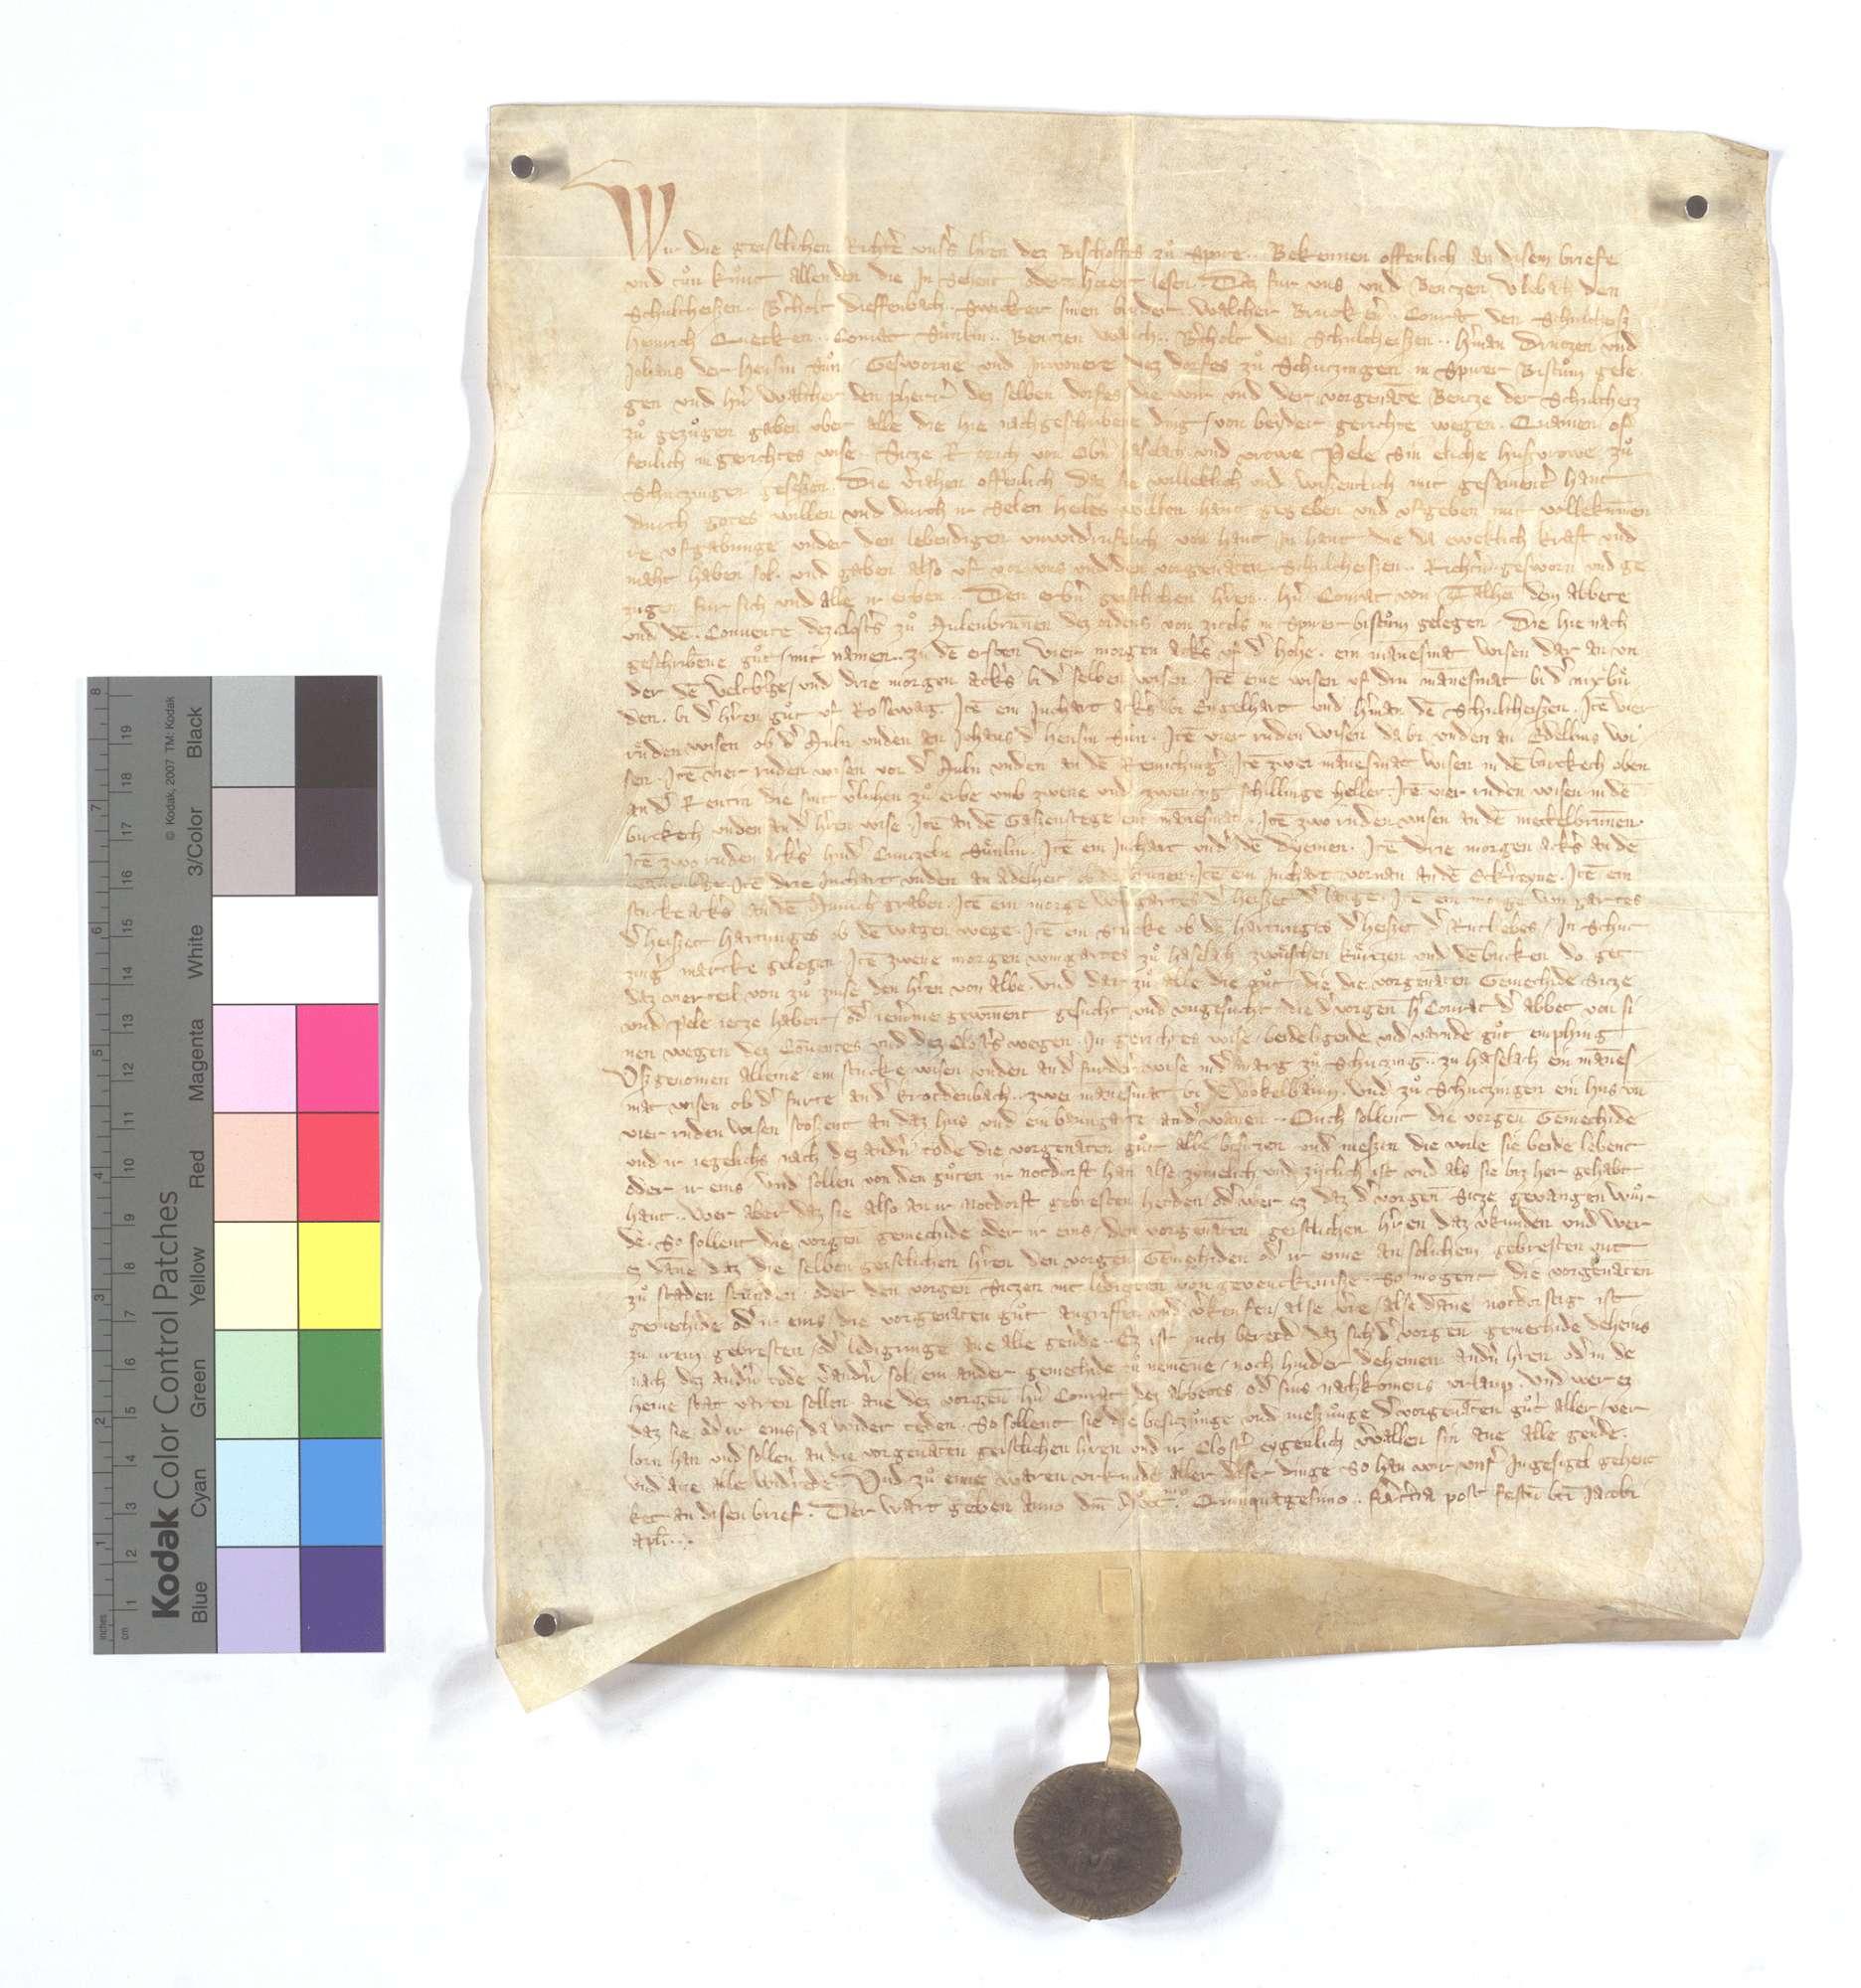 Seiz Rorich von Hohenhaslach (Oberhaslach) und seine Frau, beide in Schützingen (Schüzingen) gesessen, übergeben dem Kloster Maulbronn all ihr Gut., Text